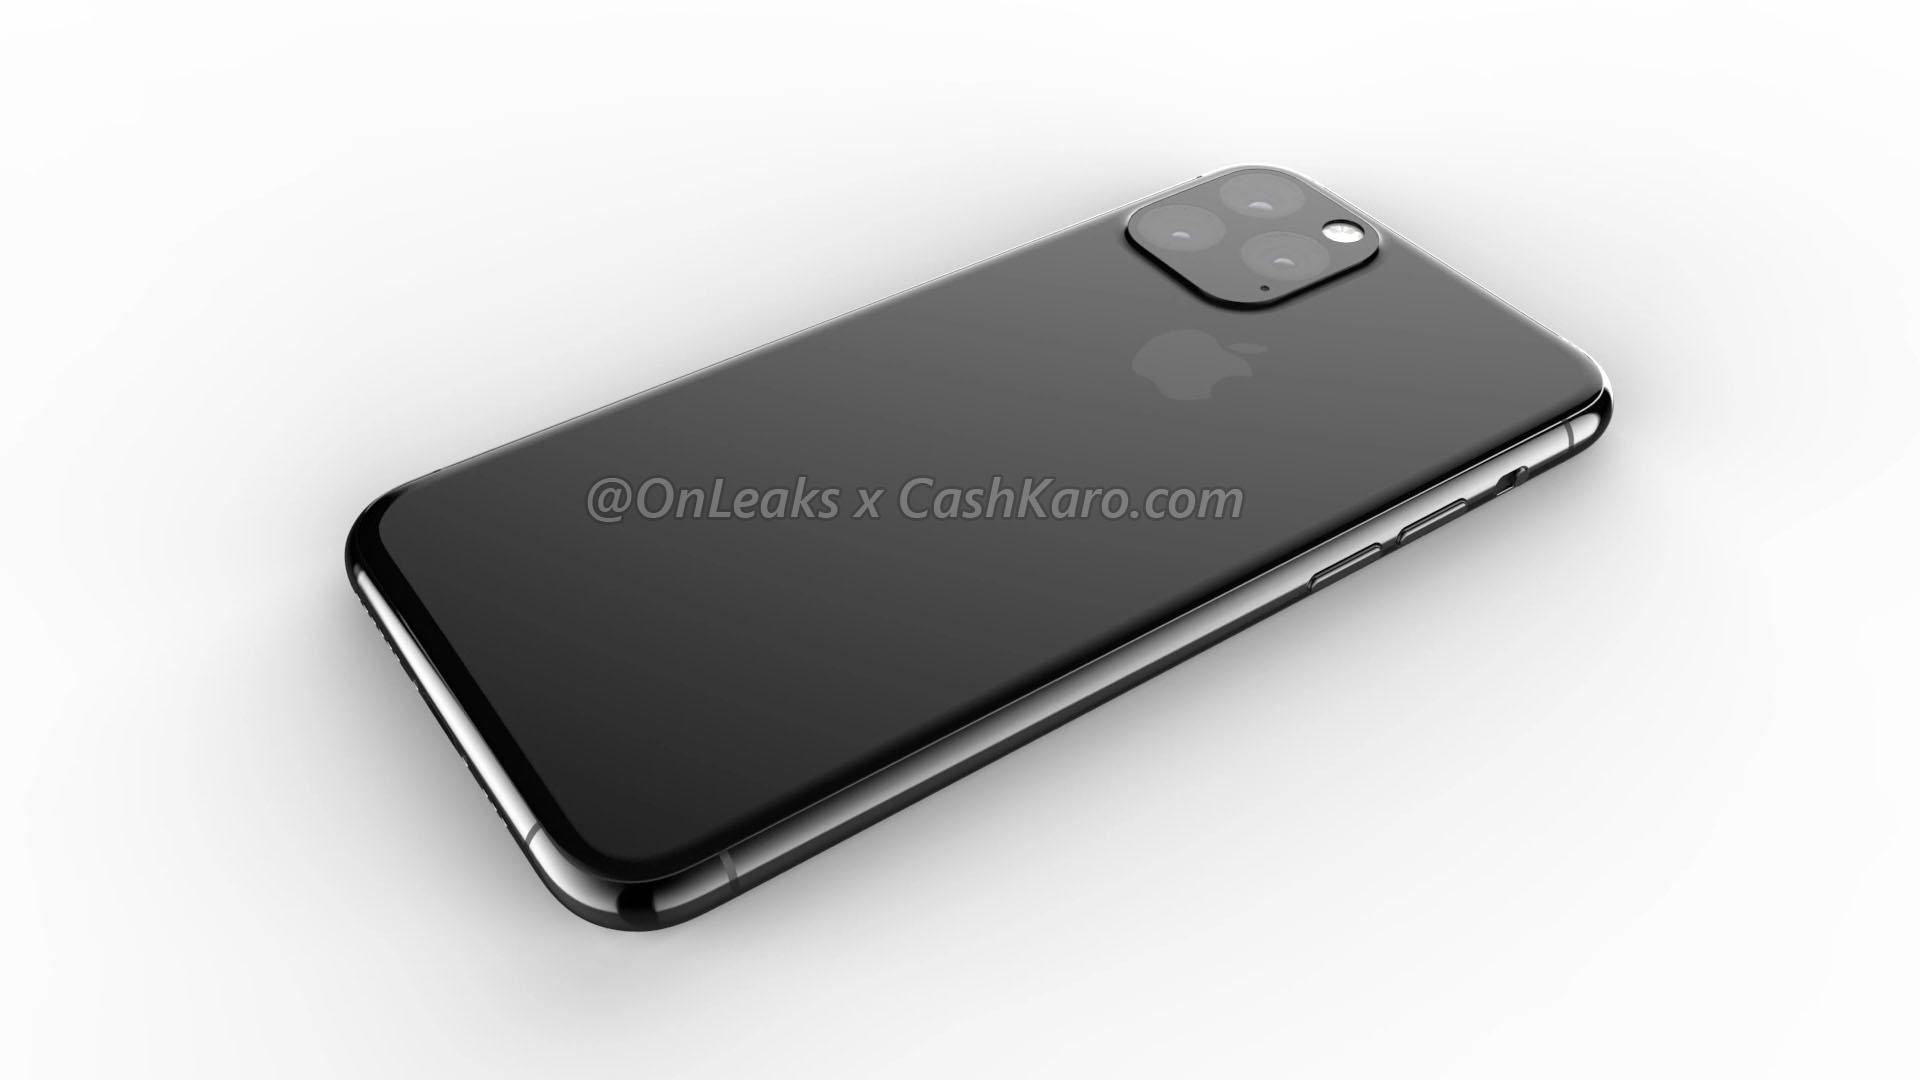 2019 年款 iPhone XI 两大外观改变:三镜头机身背板一体化、静音键改进2